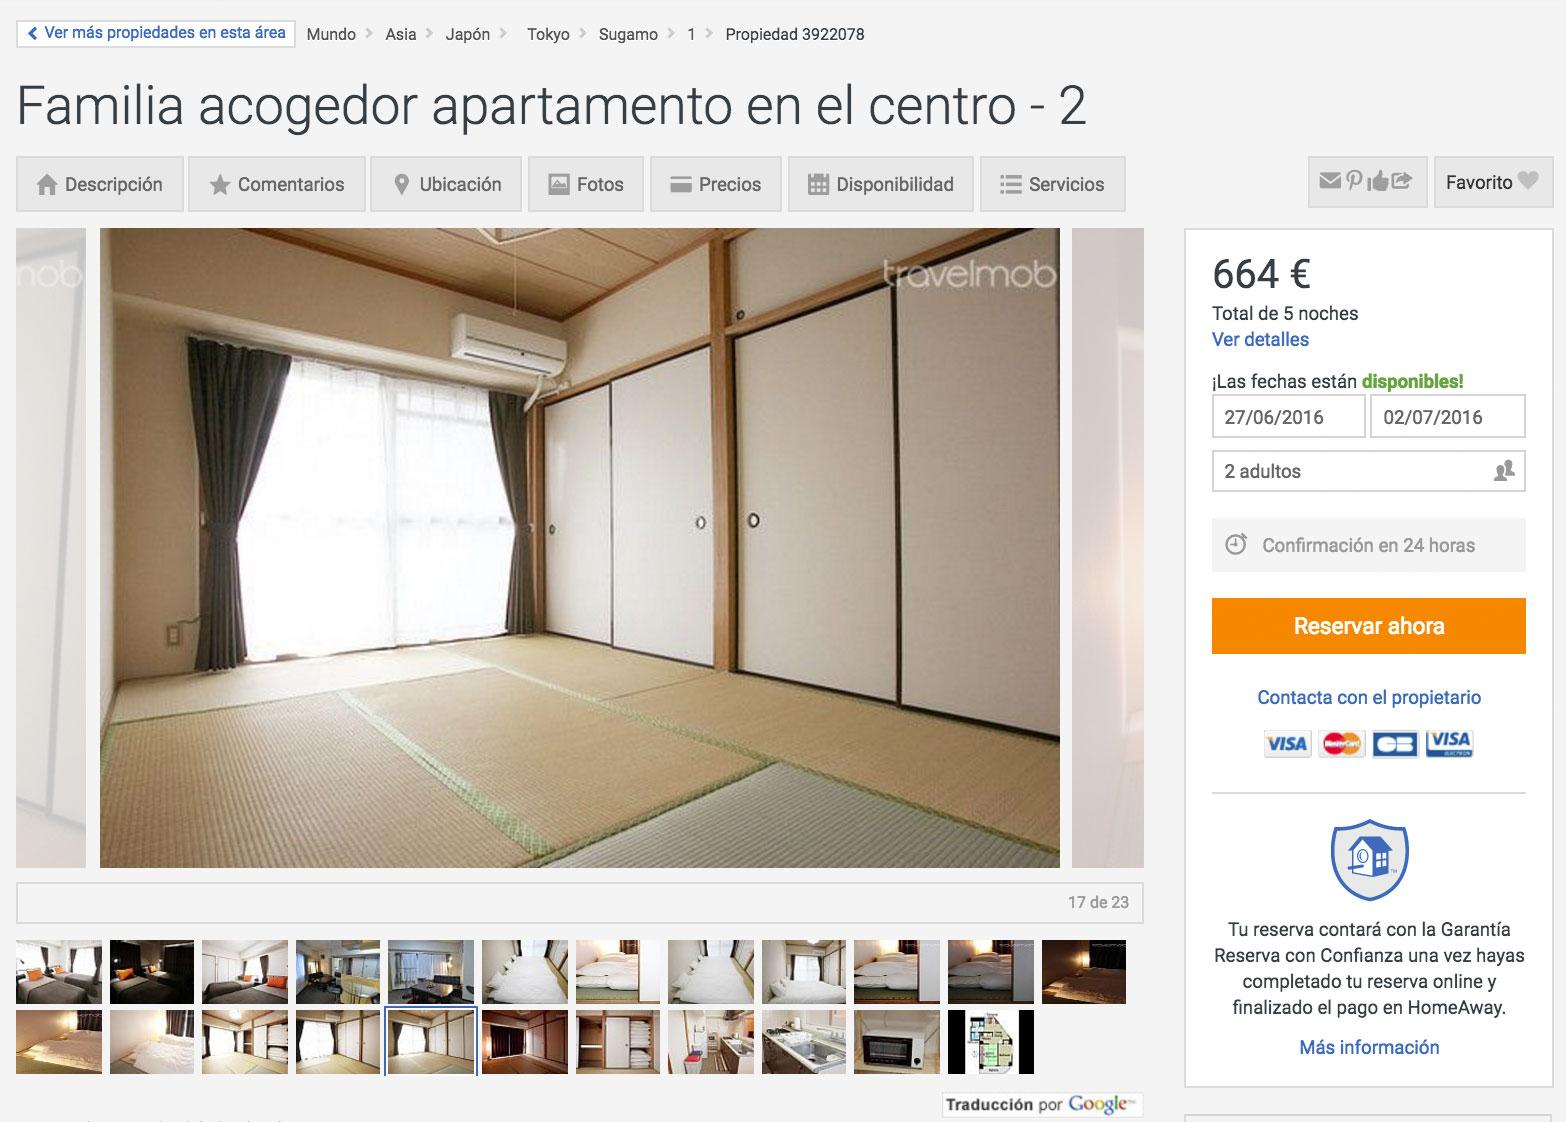 Apartamento con habitación de Tatami en Tokio